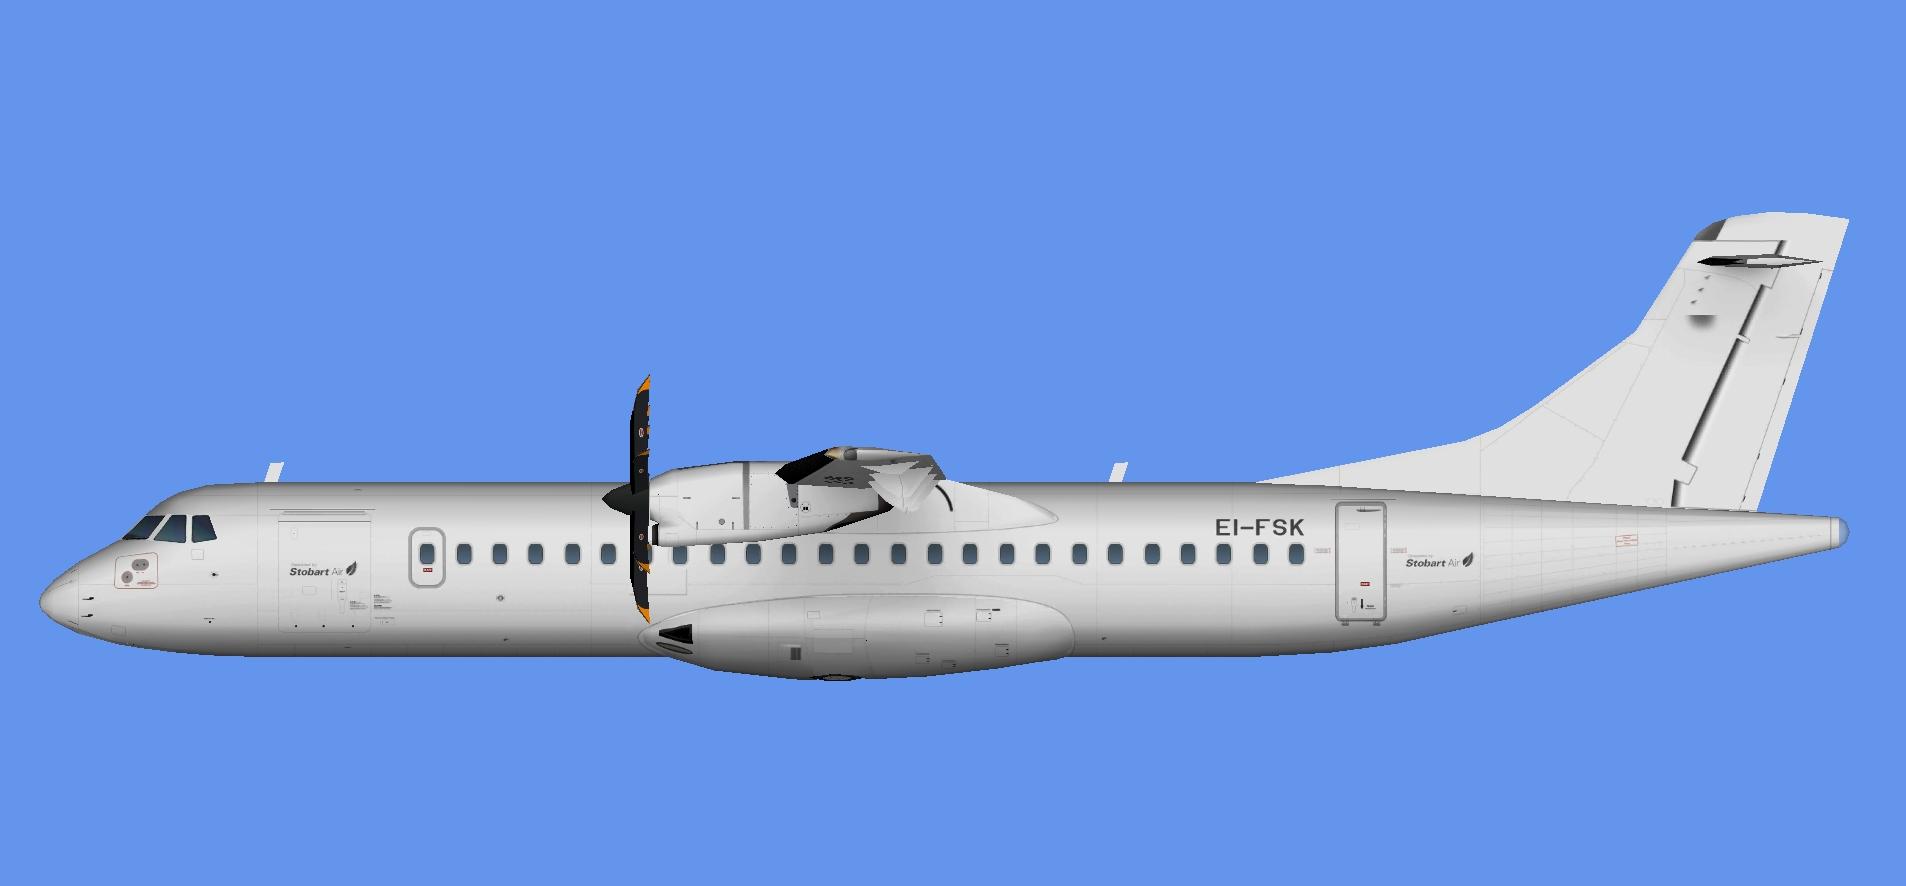 Aer Lingus Regional ATR 42-600 - The Flying Carpet Hub